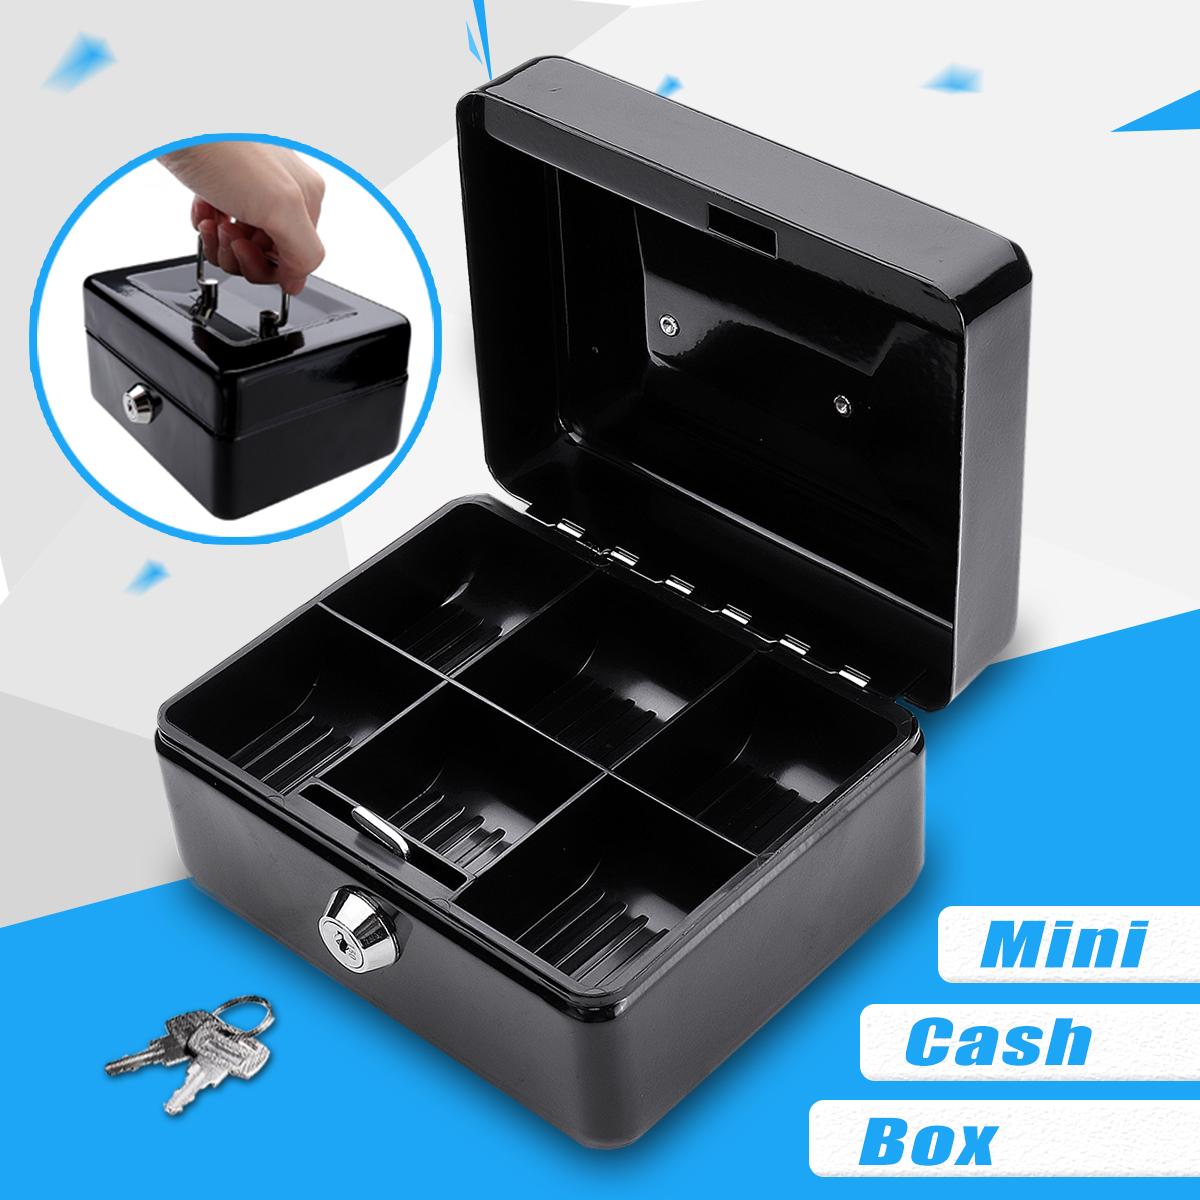 MÜHLEN Cash Box CB150 Mini Boy Taşınabilir Para Kutusu 2